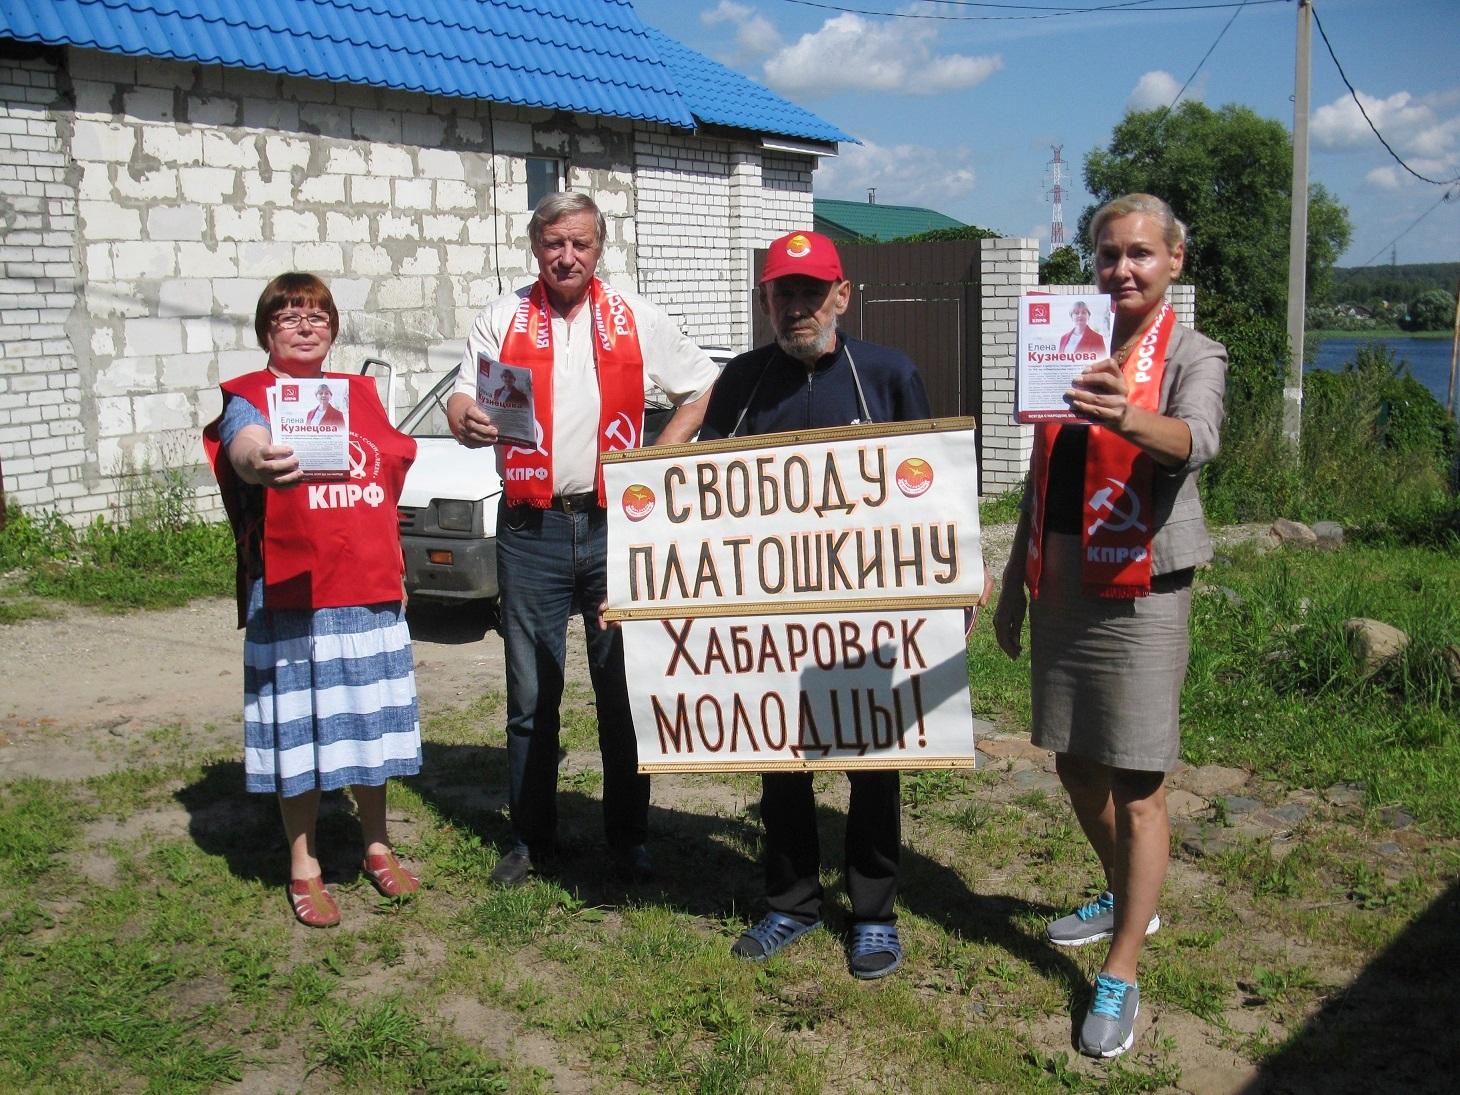 Коммунисты Дзержинского района рассказывают о кандидате в Госдуму от КПРФ